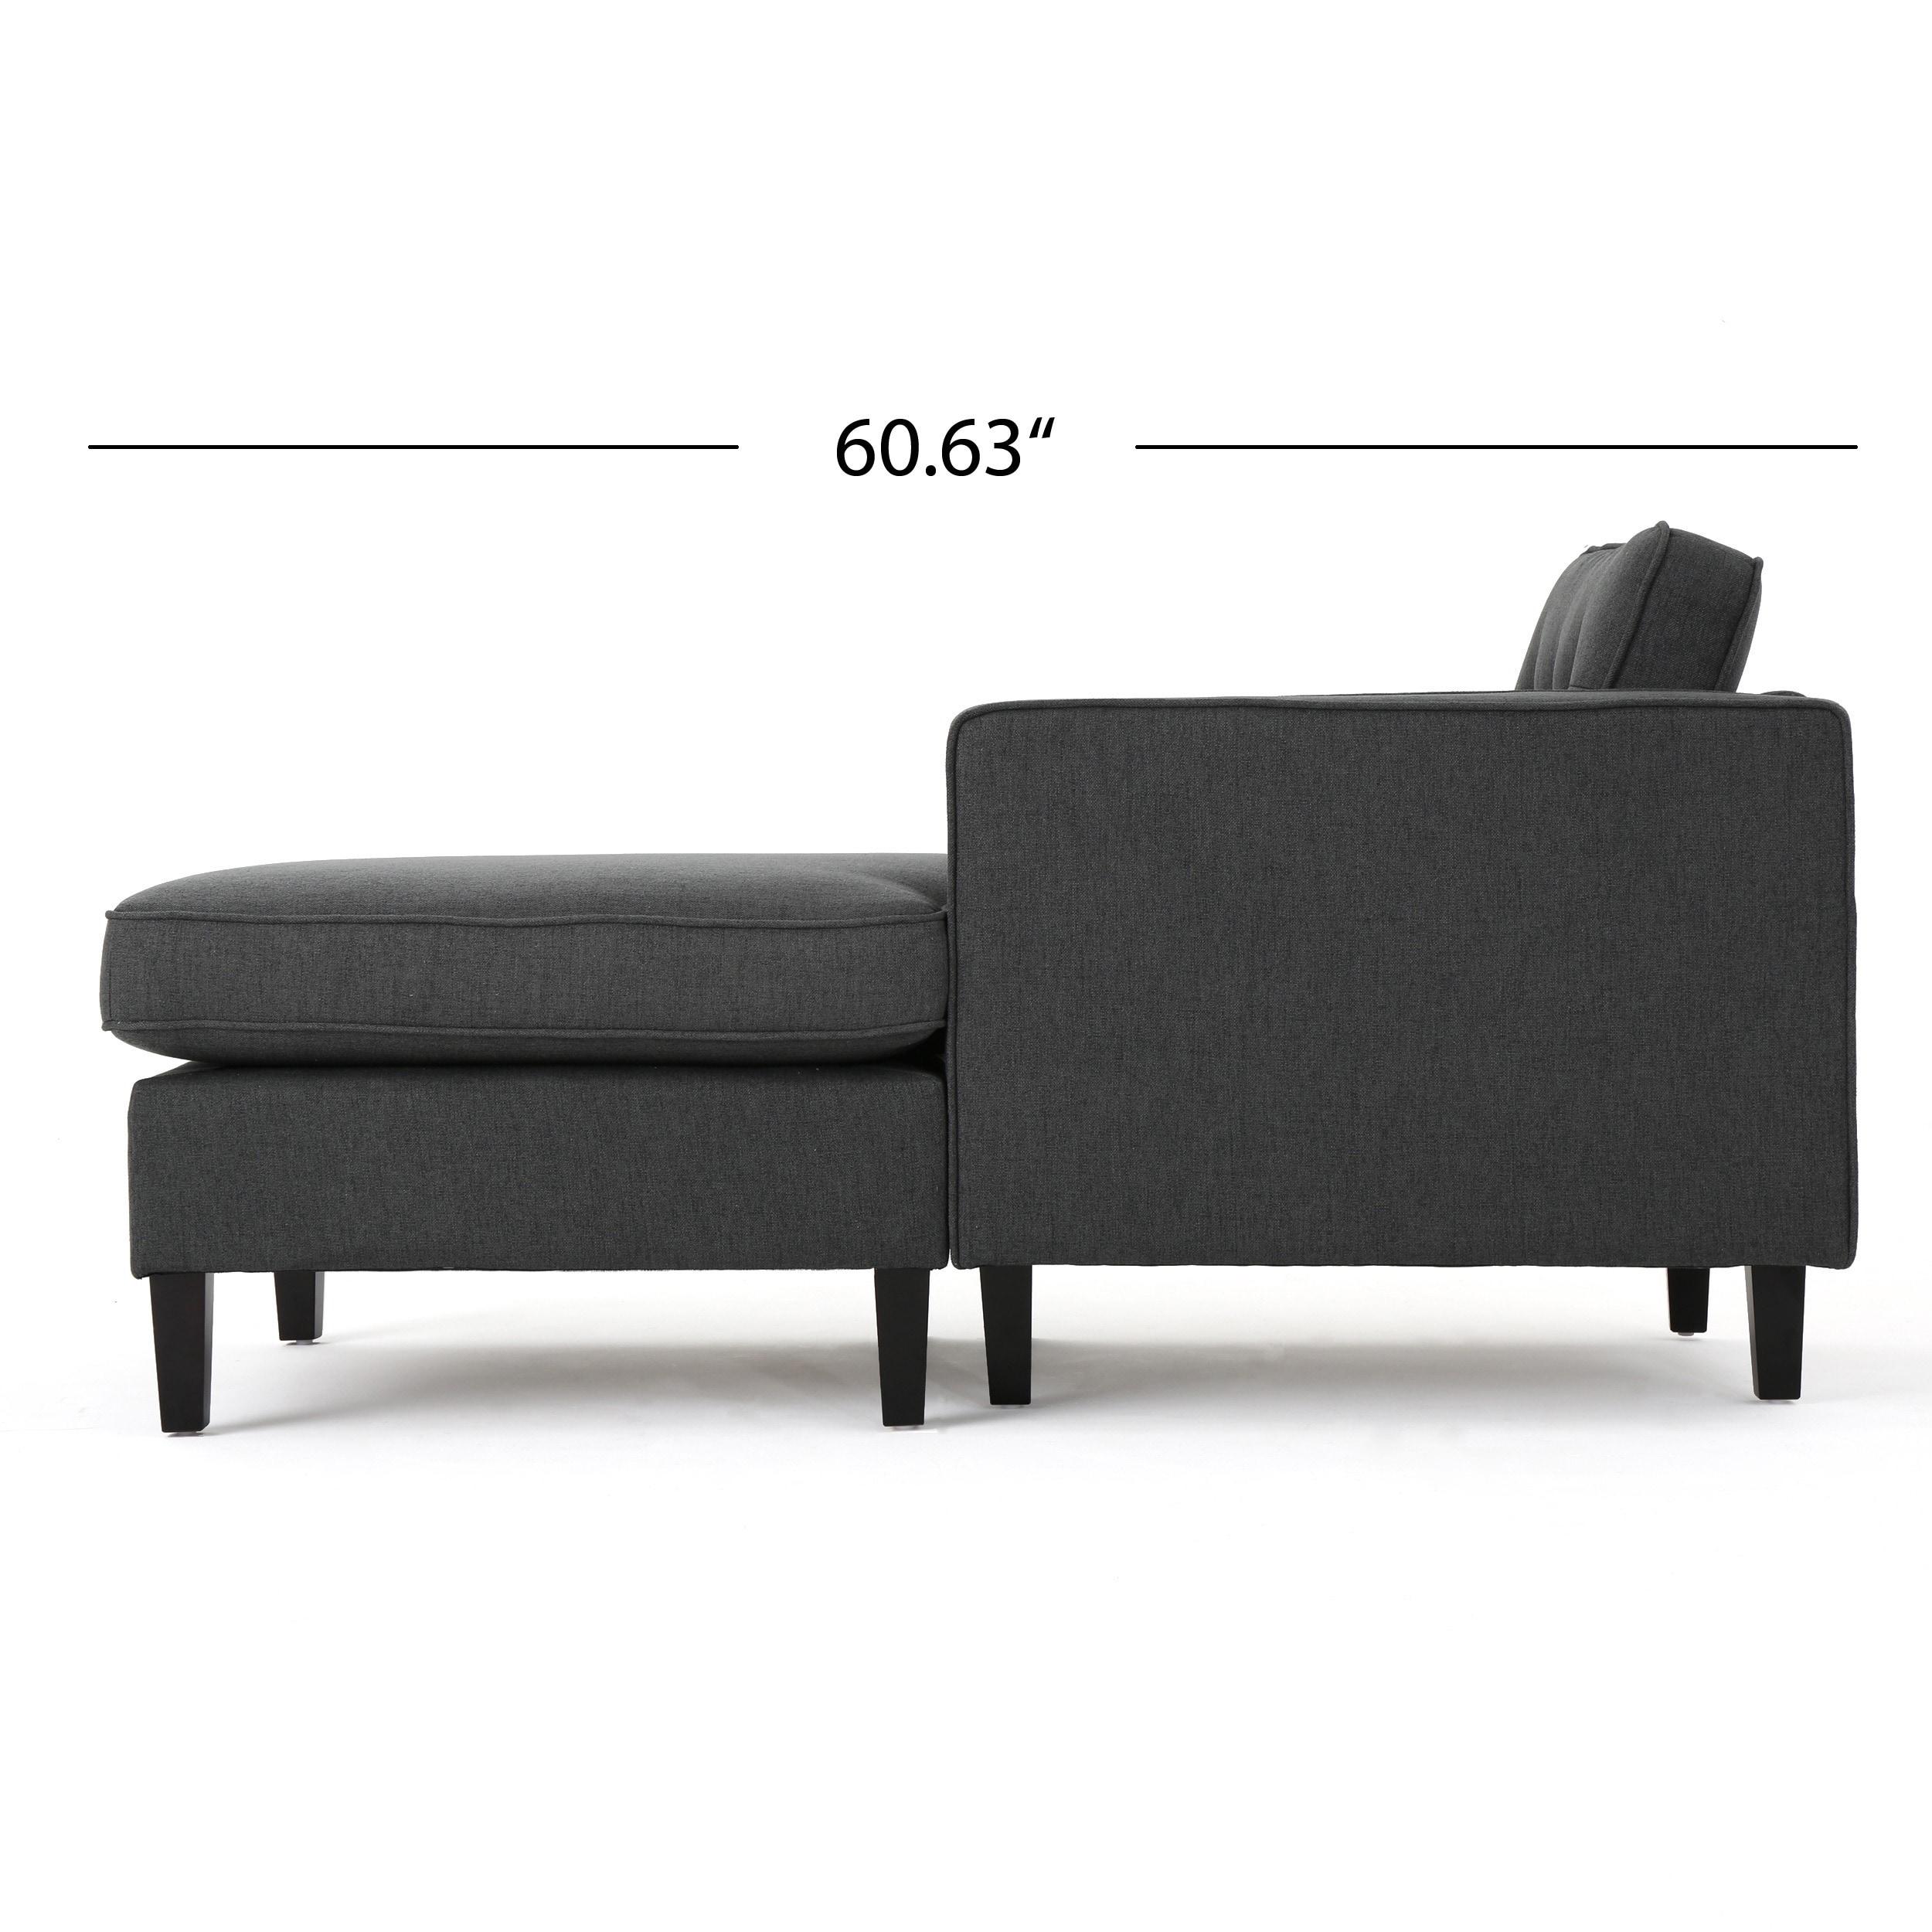 Bezaubernd Sofa Modern Referenz Von Shop Wilder Mid-century 2-piece Fabric Chaise Sectional